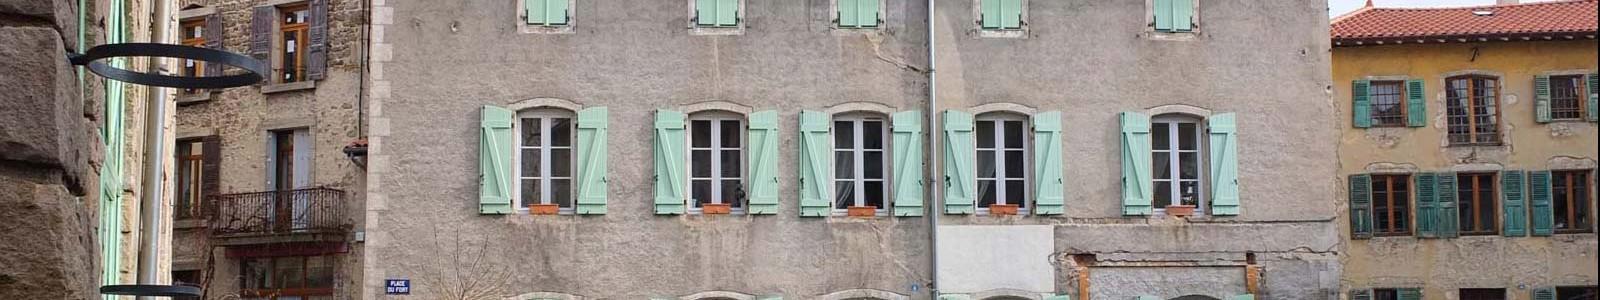 Vivre au centre bourg de Craponne sur Arzon